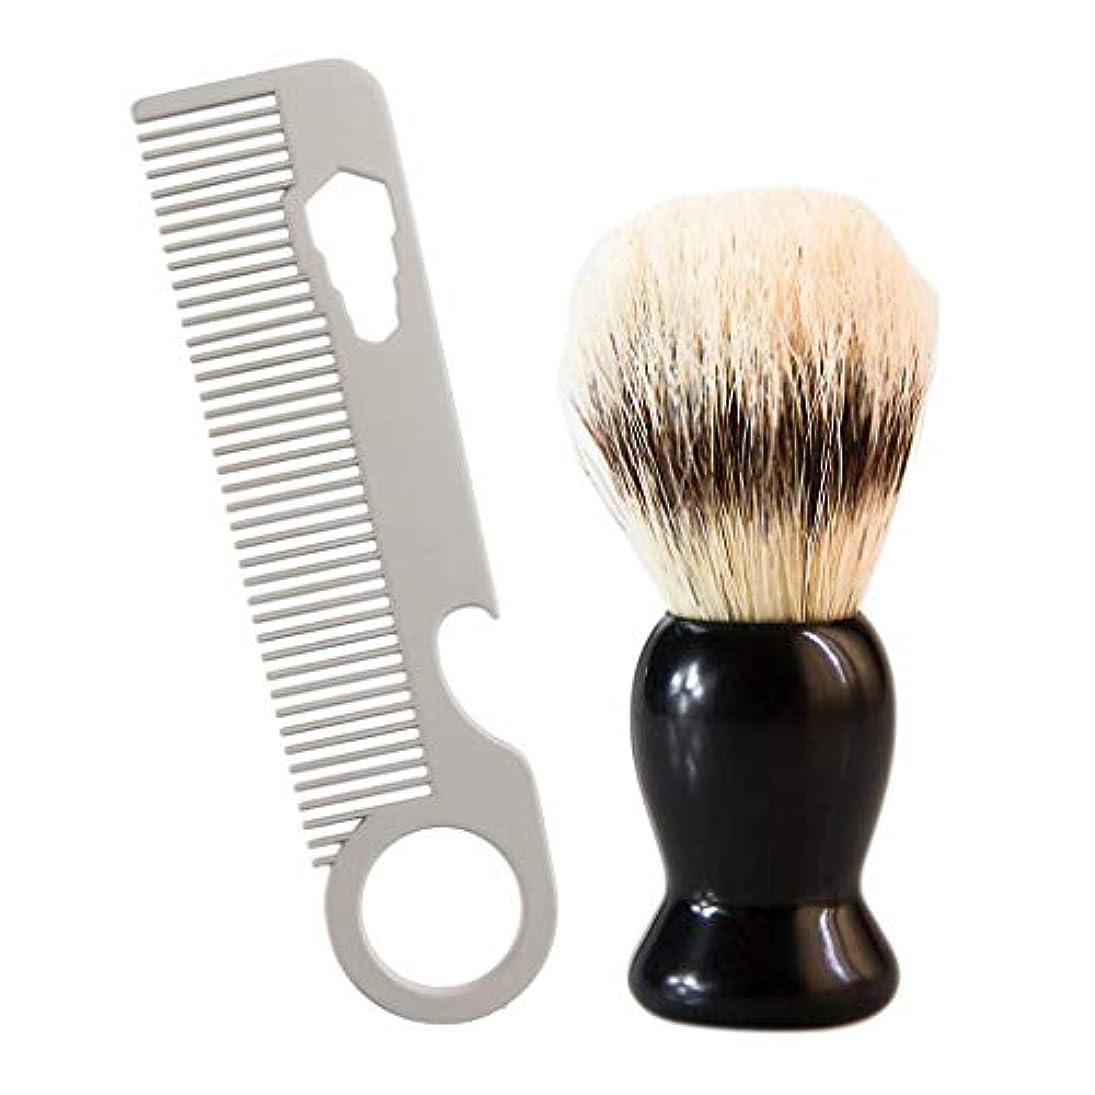 今日マラウイキリスト教sharprepublic 2個 メンズ用 ひげ剃り櫛 シェービングブラシ 理容 洗顔 髭剃り キャンプ 旅行 家庭